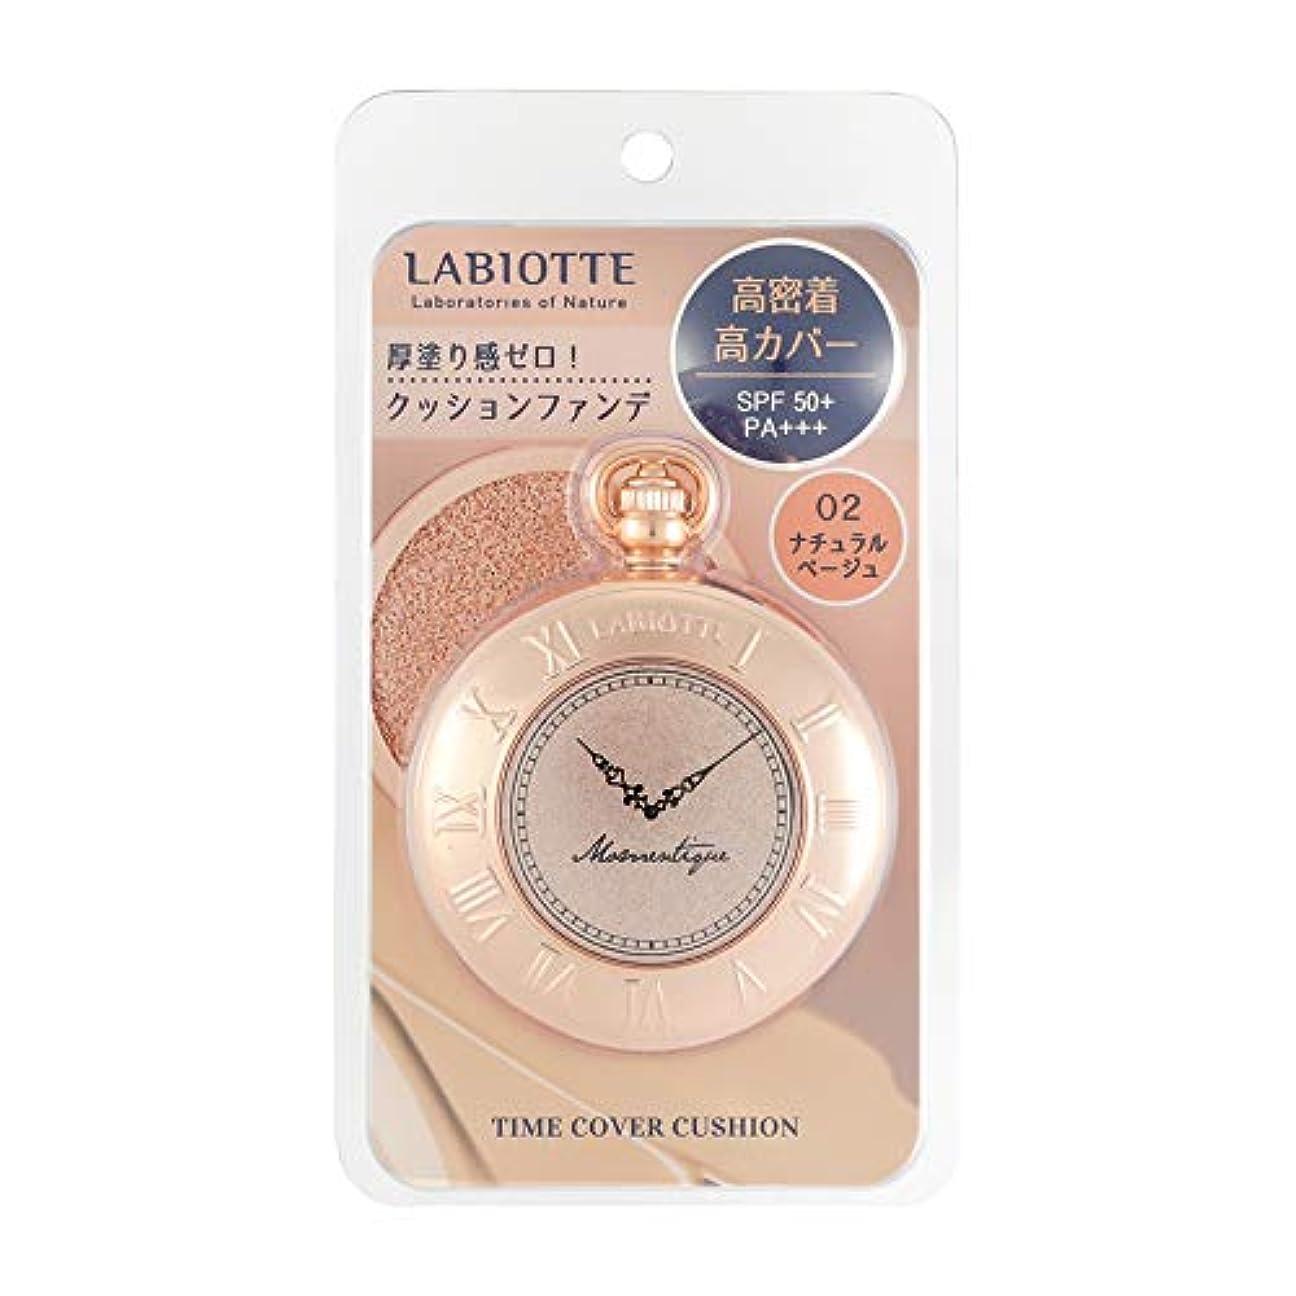 昇る手伝う柔らかい足LABIOTTE(ラビオッテ) タイムカバークッションファンデ 02 ナチュラルベージュ (13g)